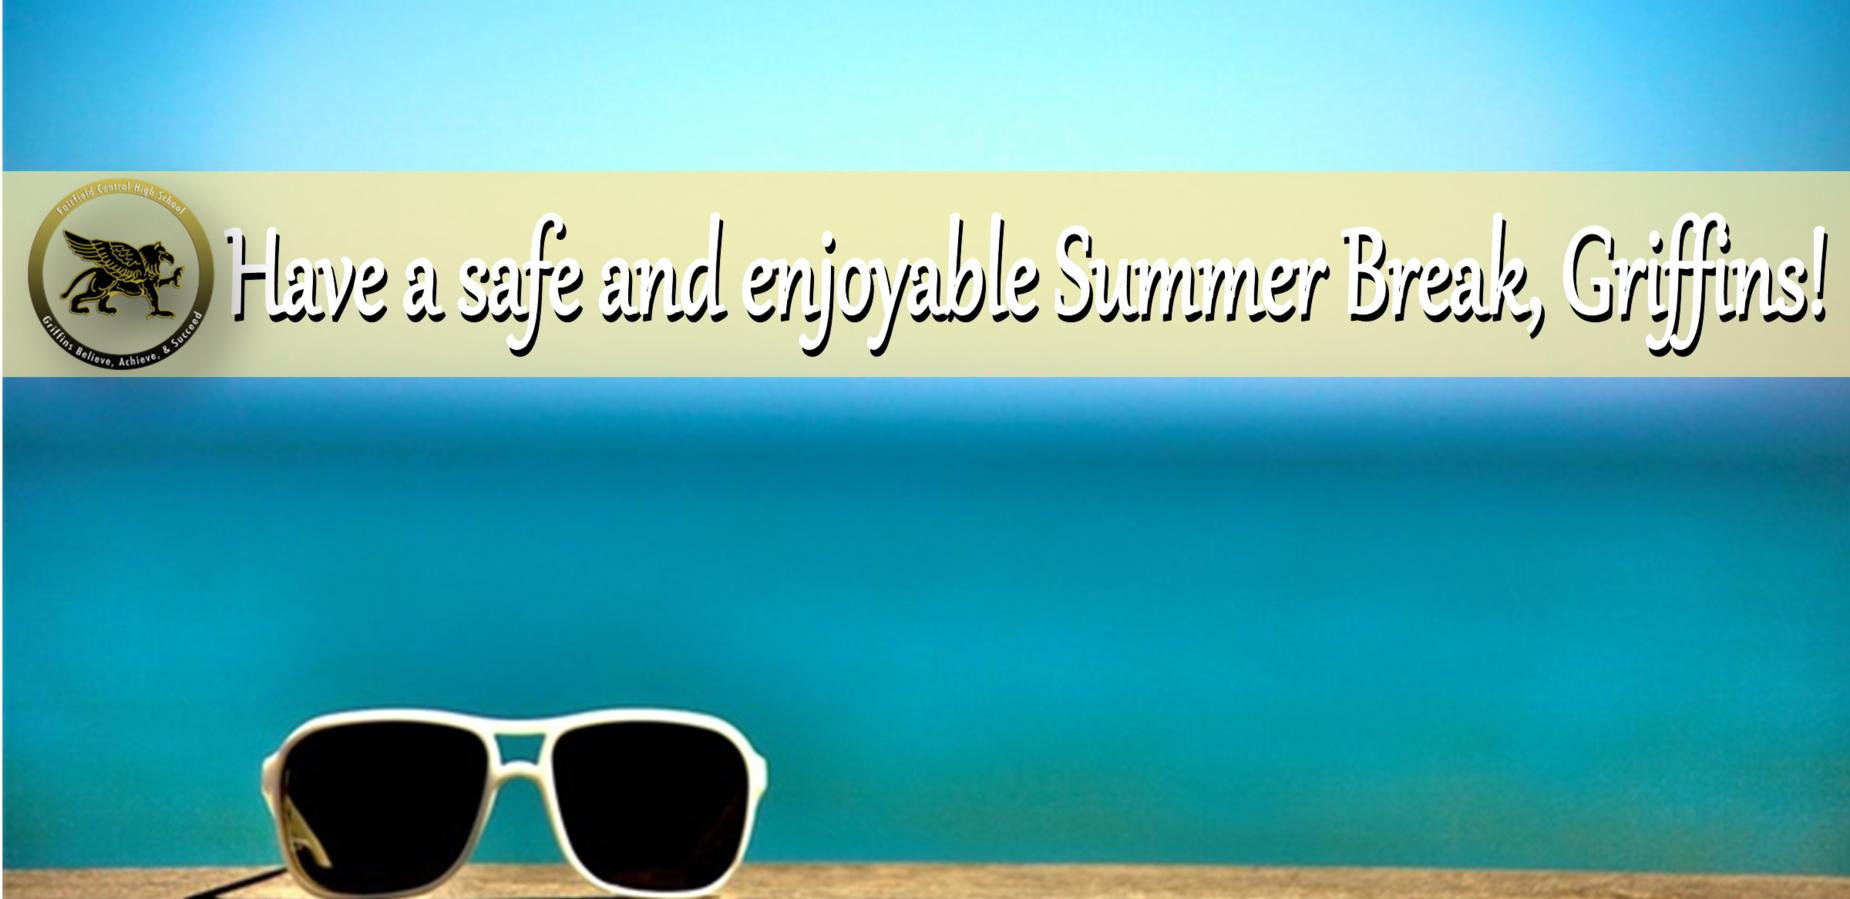 Have a Safe and enjoyable Summer break, Griffins!